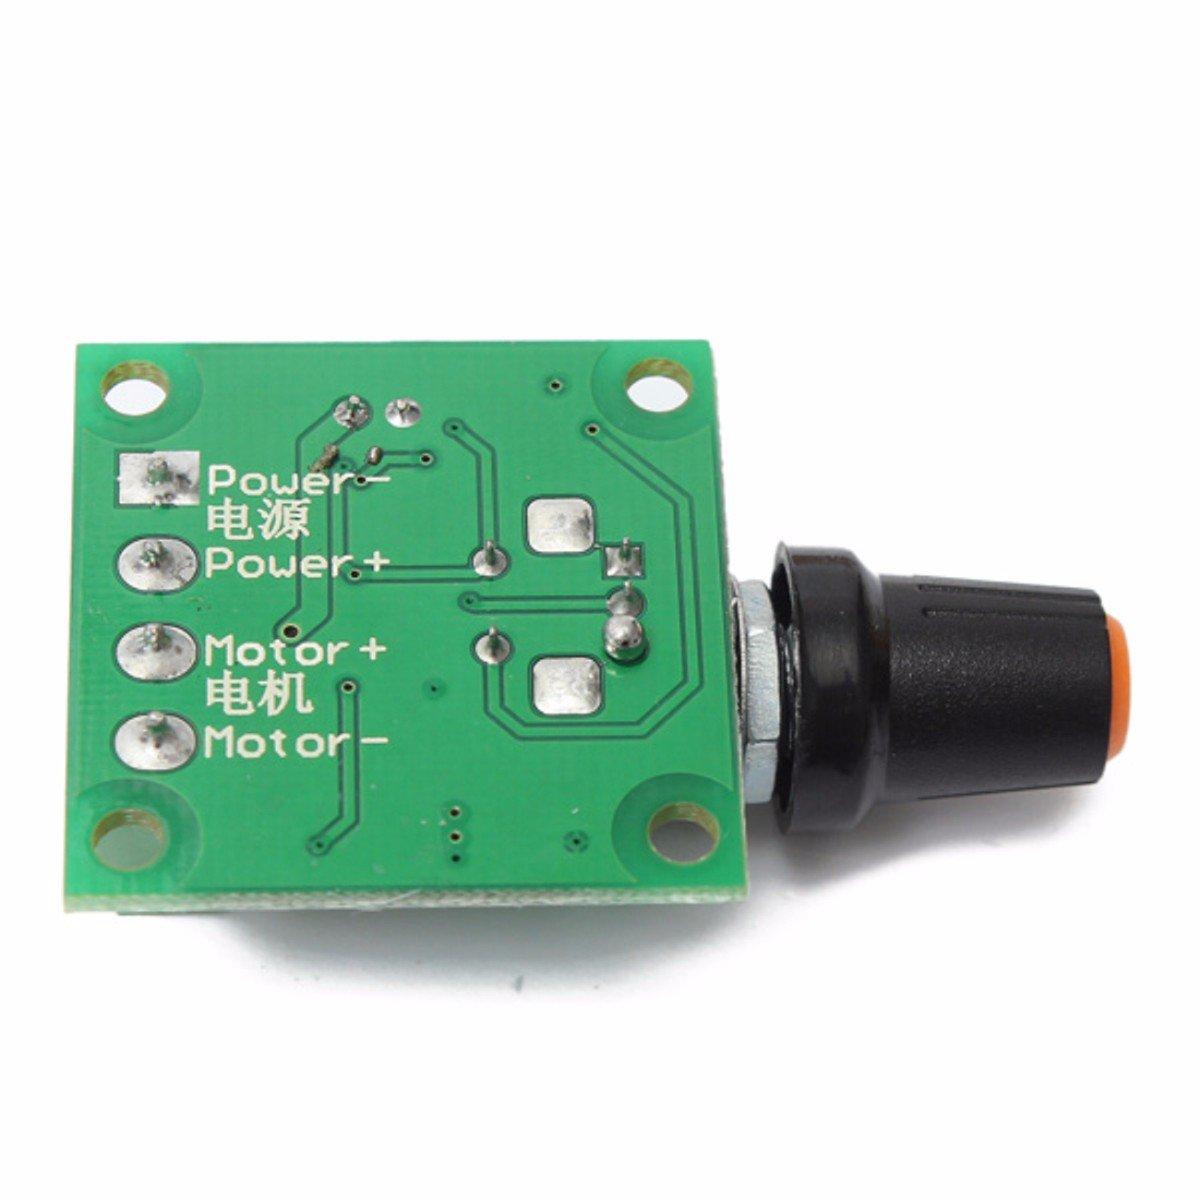 ELEGIANT/DC/1.8V/3V/5V/6V/12V/2A Controlador Motor/Regulador/de/Velocidad//PMW 1803B/30W/PWM/1803B/B1